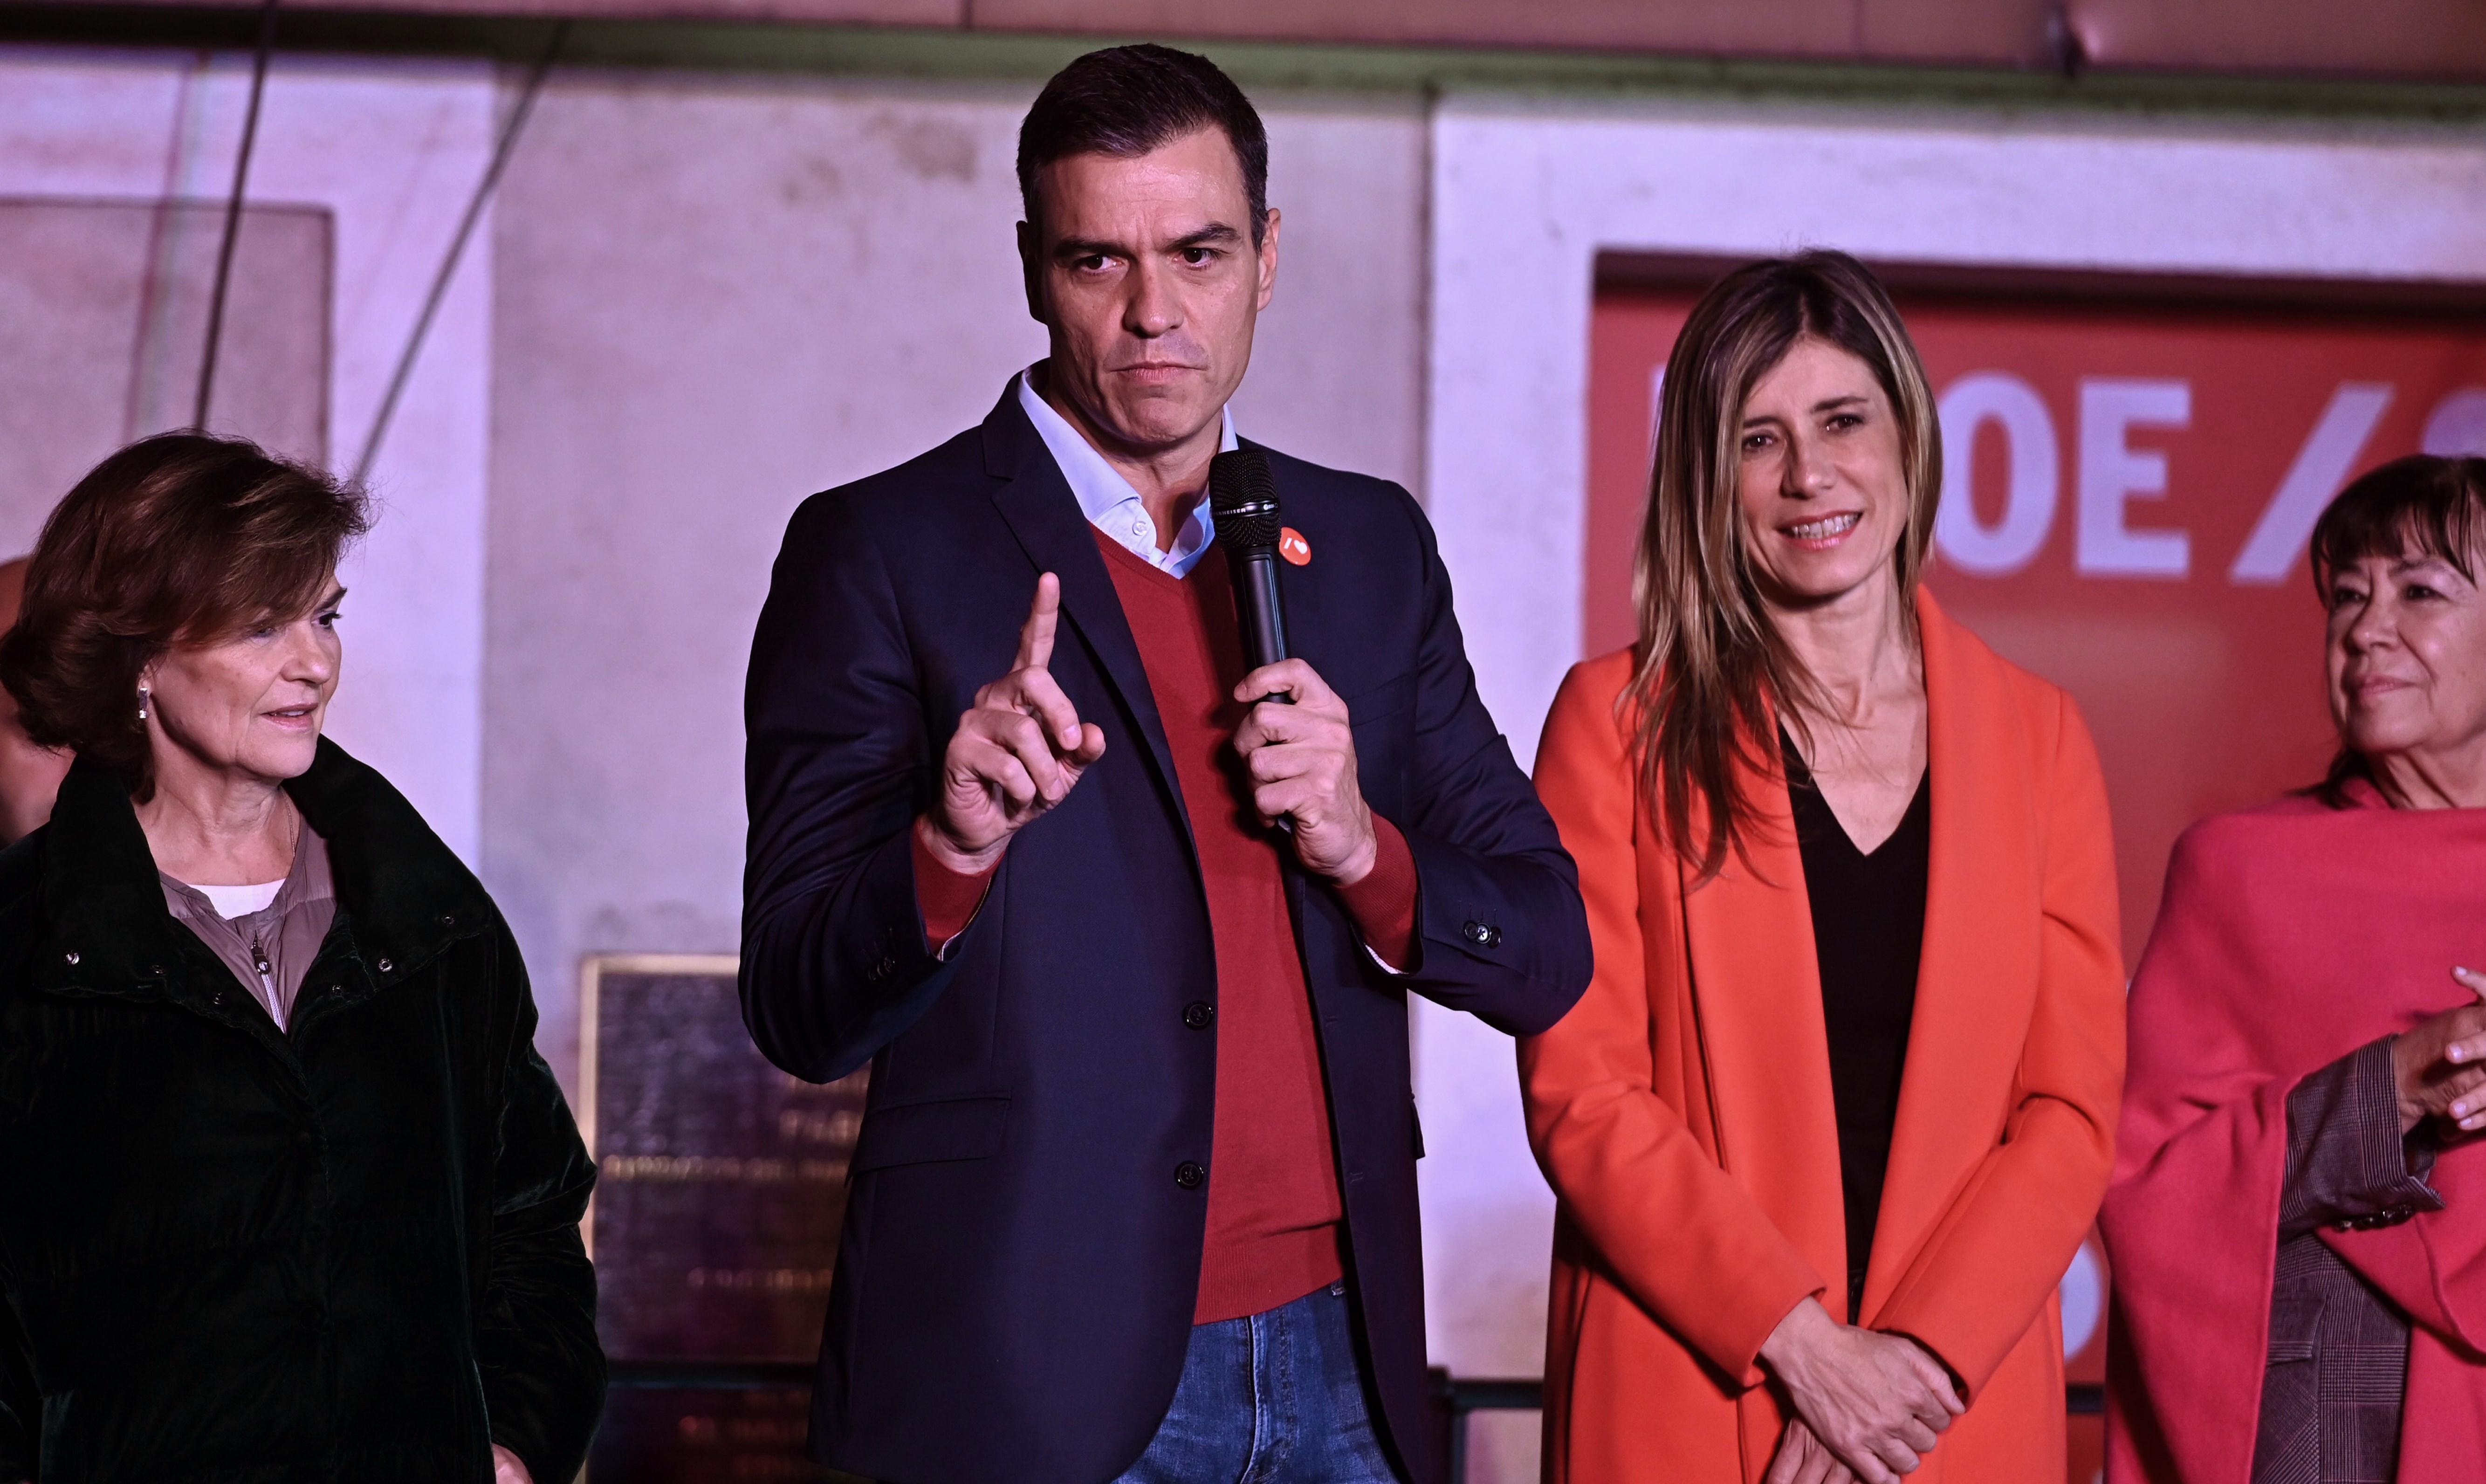 Sánchez enmierda España: El PSOE fracasa en las elecciones y queda en manos de los separatistas